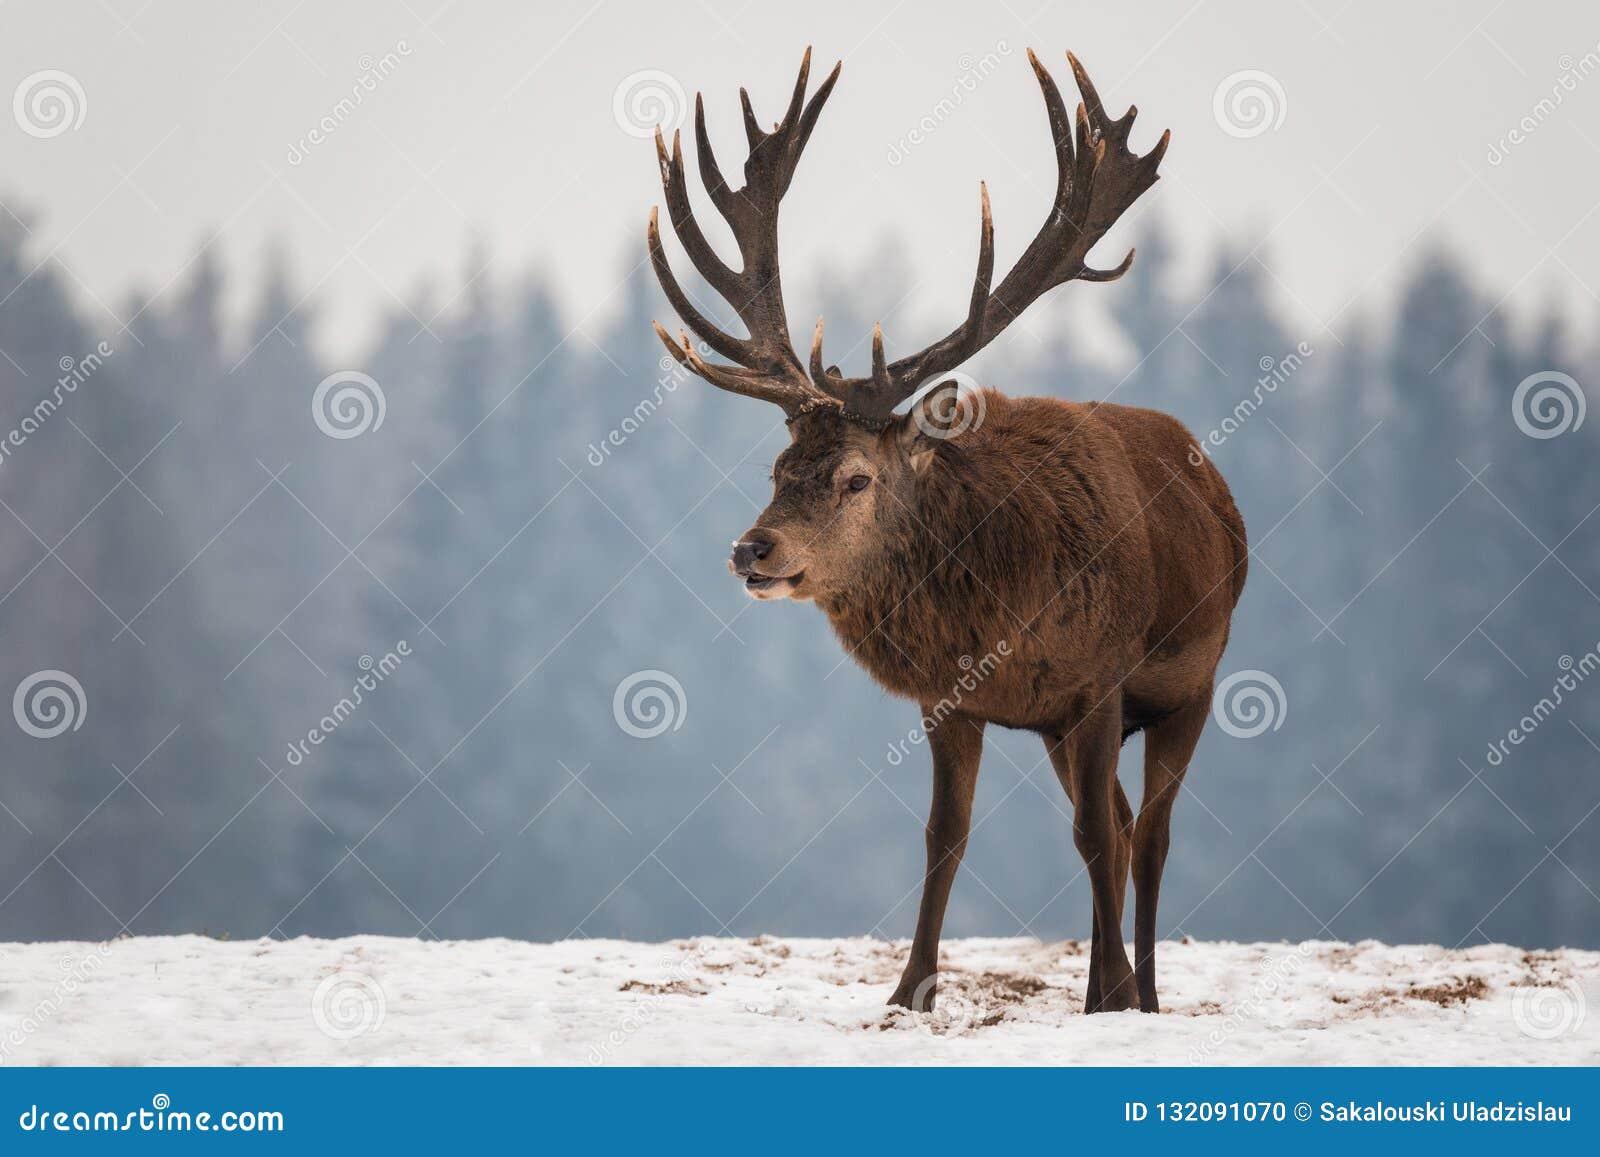 Powerful Adult Noble Deer Cervus Elaphus With Big Horns, Beautifully Turned Head. European Wildlife Landscape With Deer Stag.